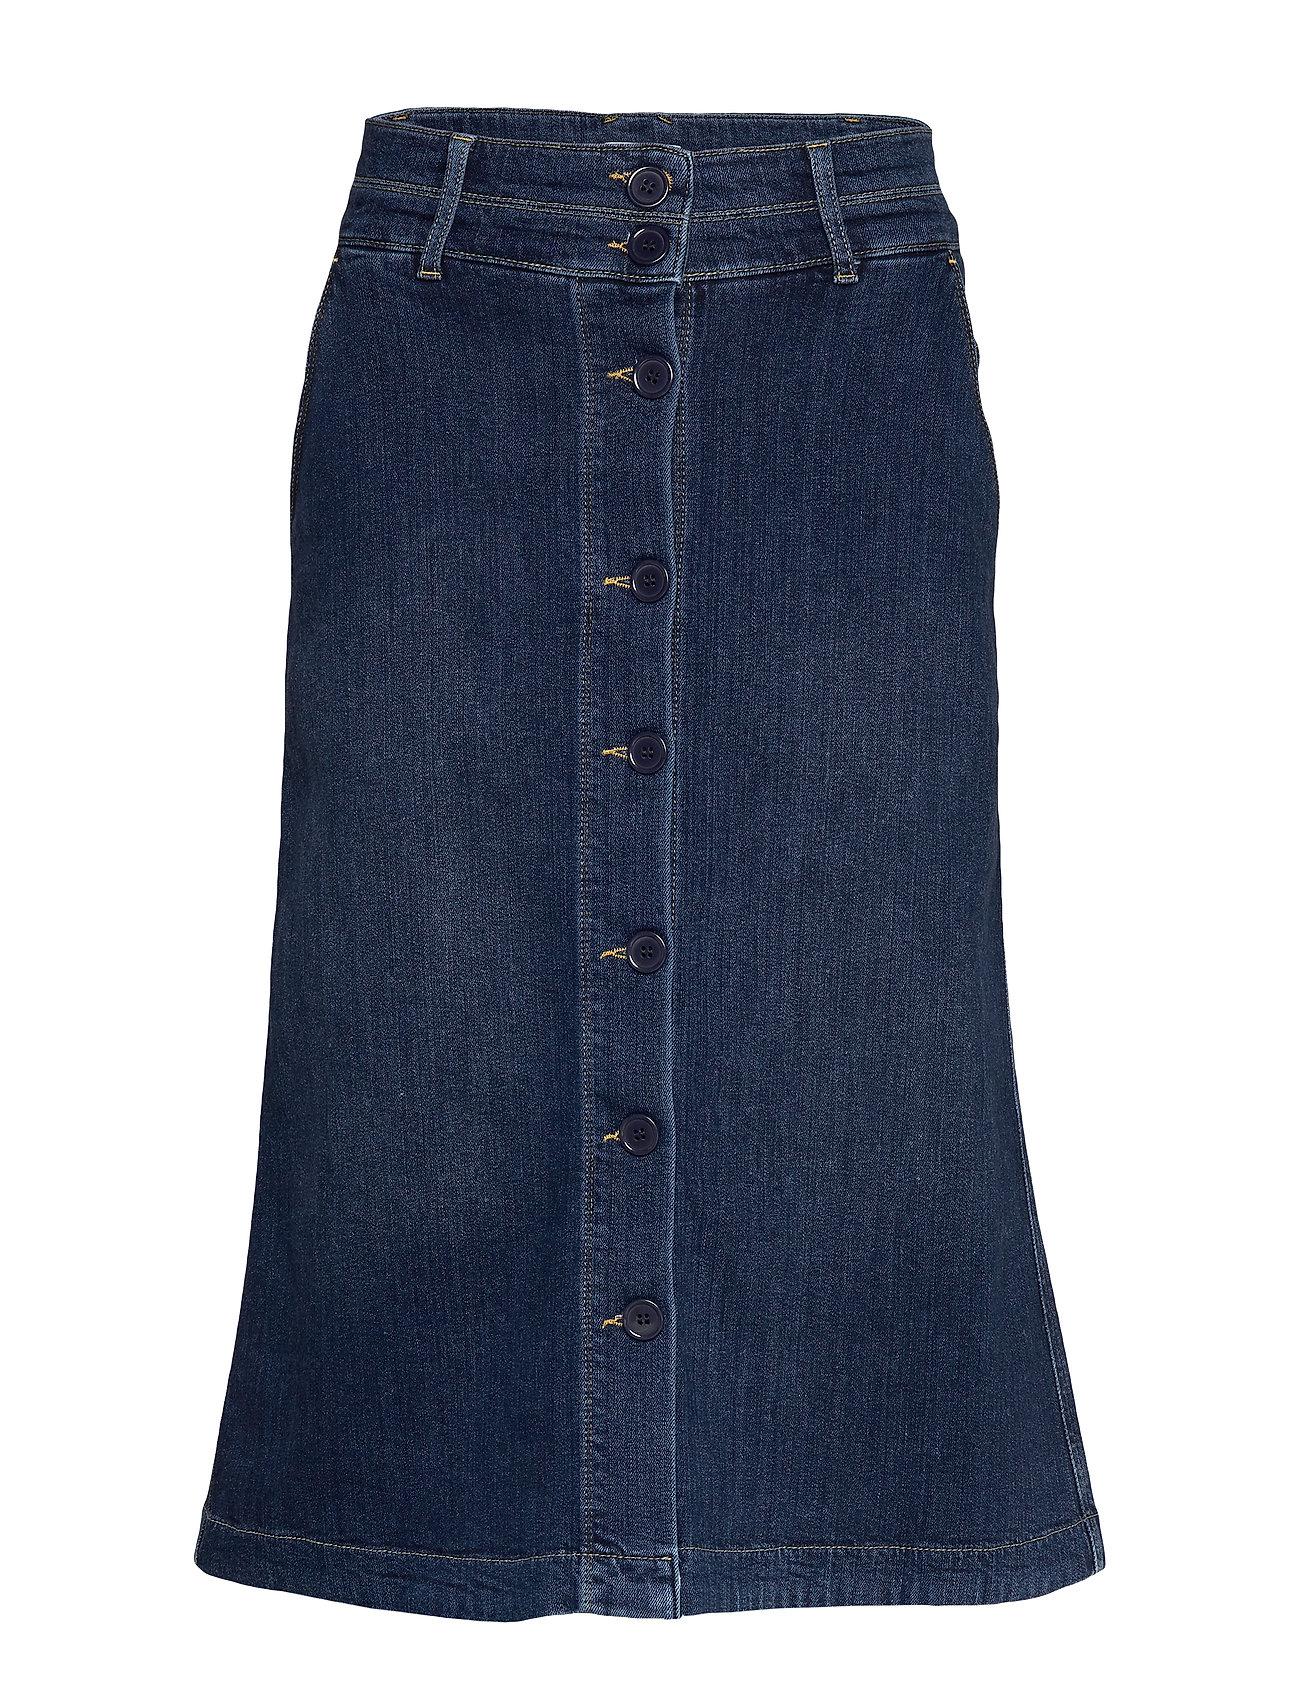 Noa Noa Skirt - DENIM DARK BLUE